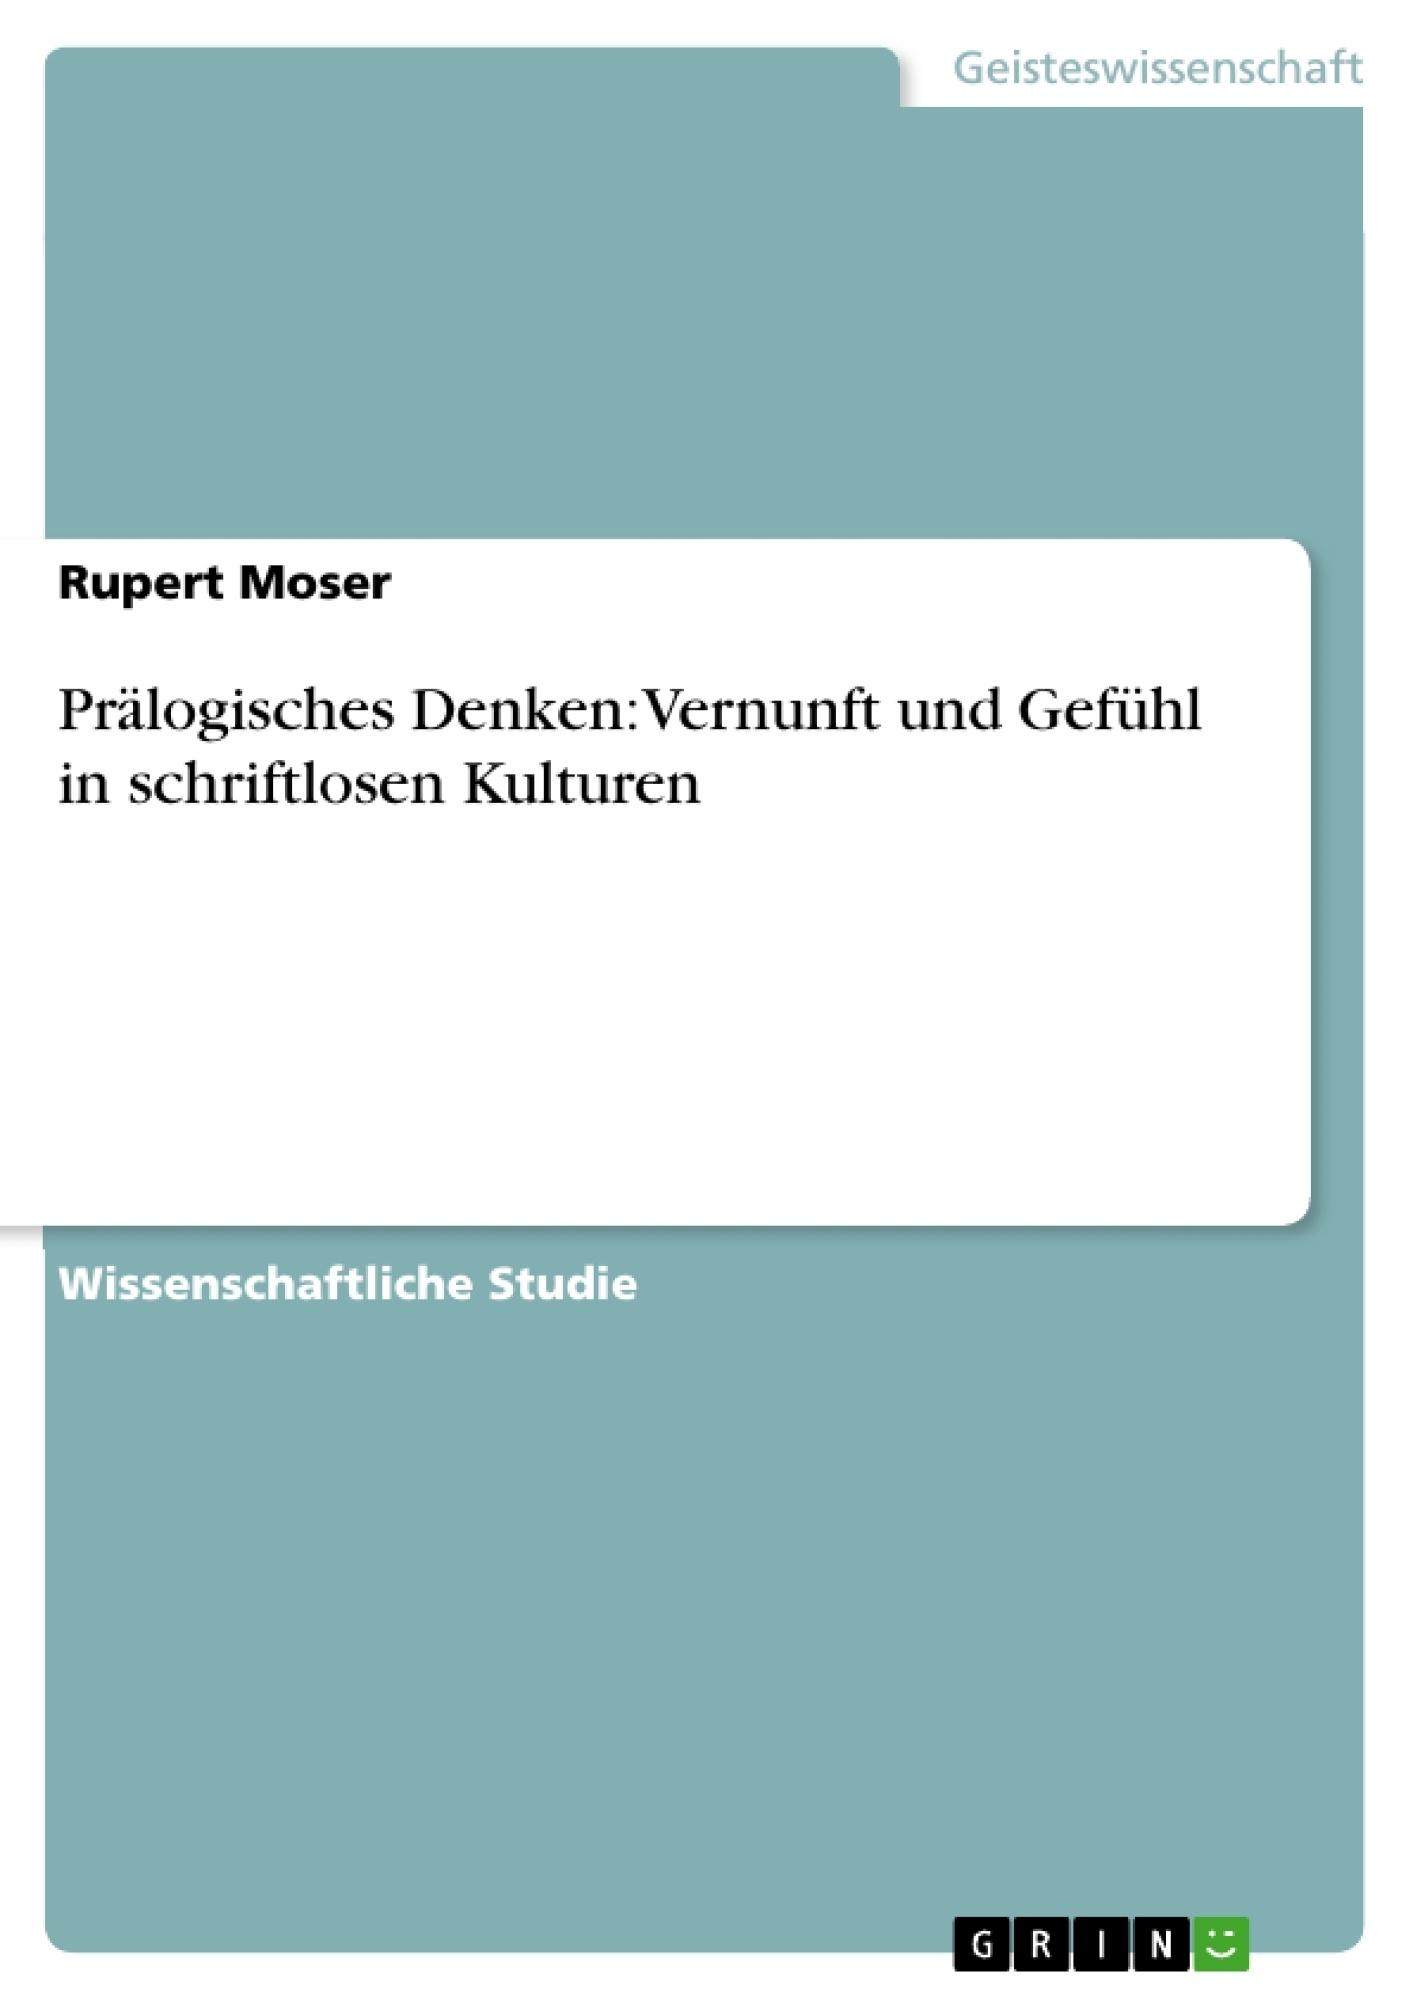 Titel: Prälogisches Denken: Vernunft und Gefühl in schriftlosen Kulturen